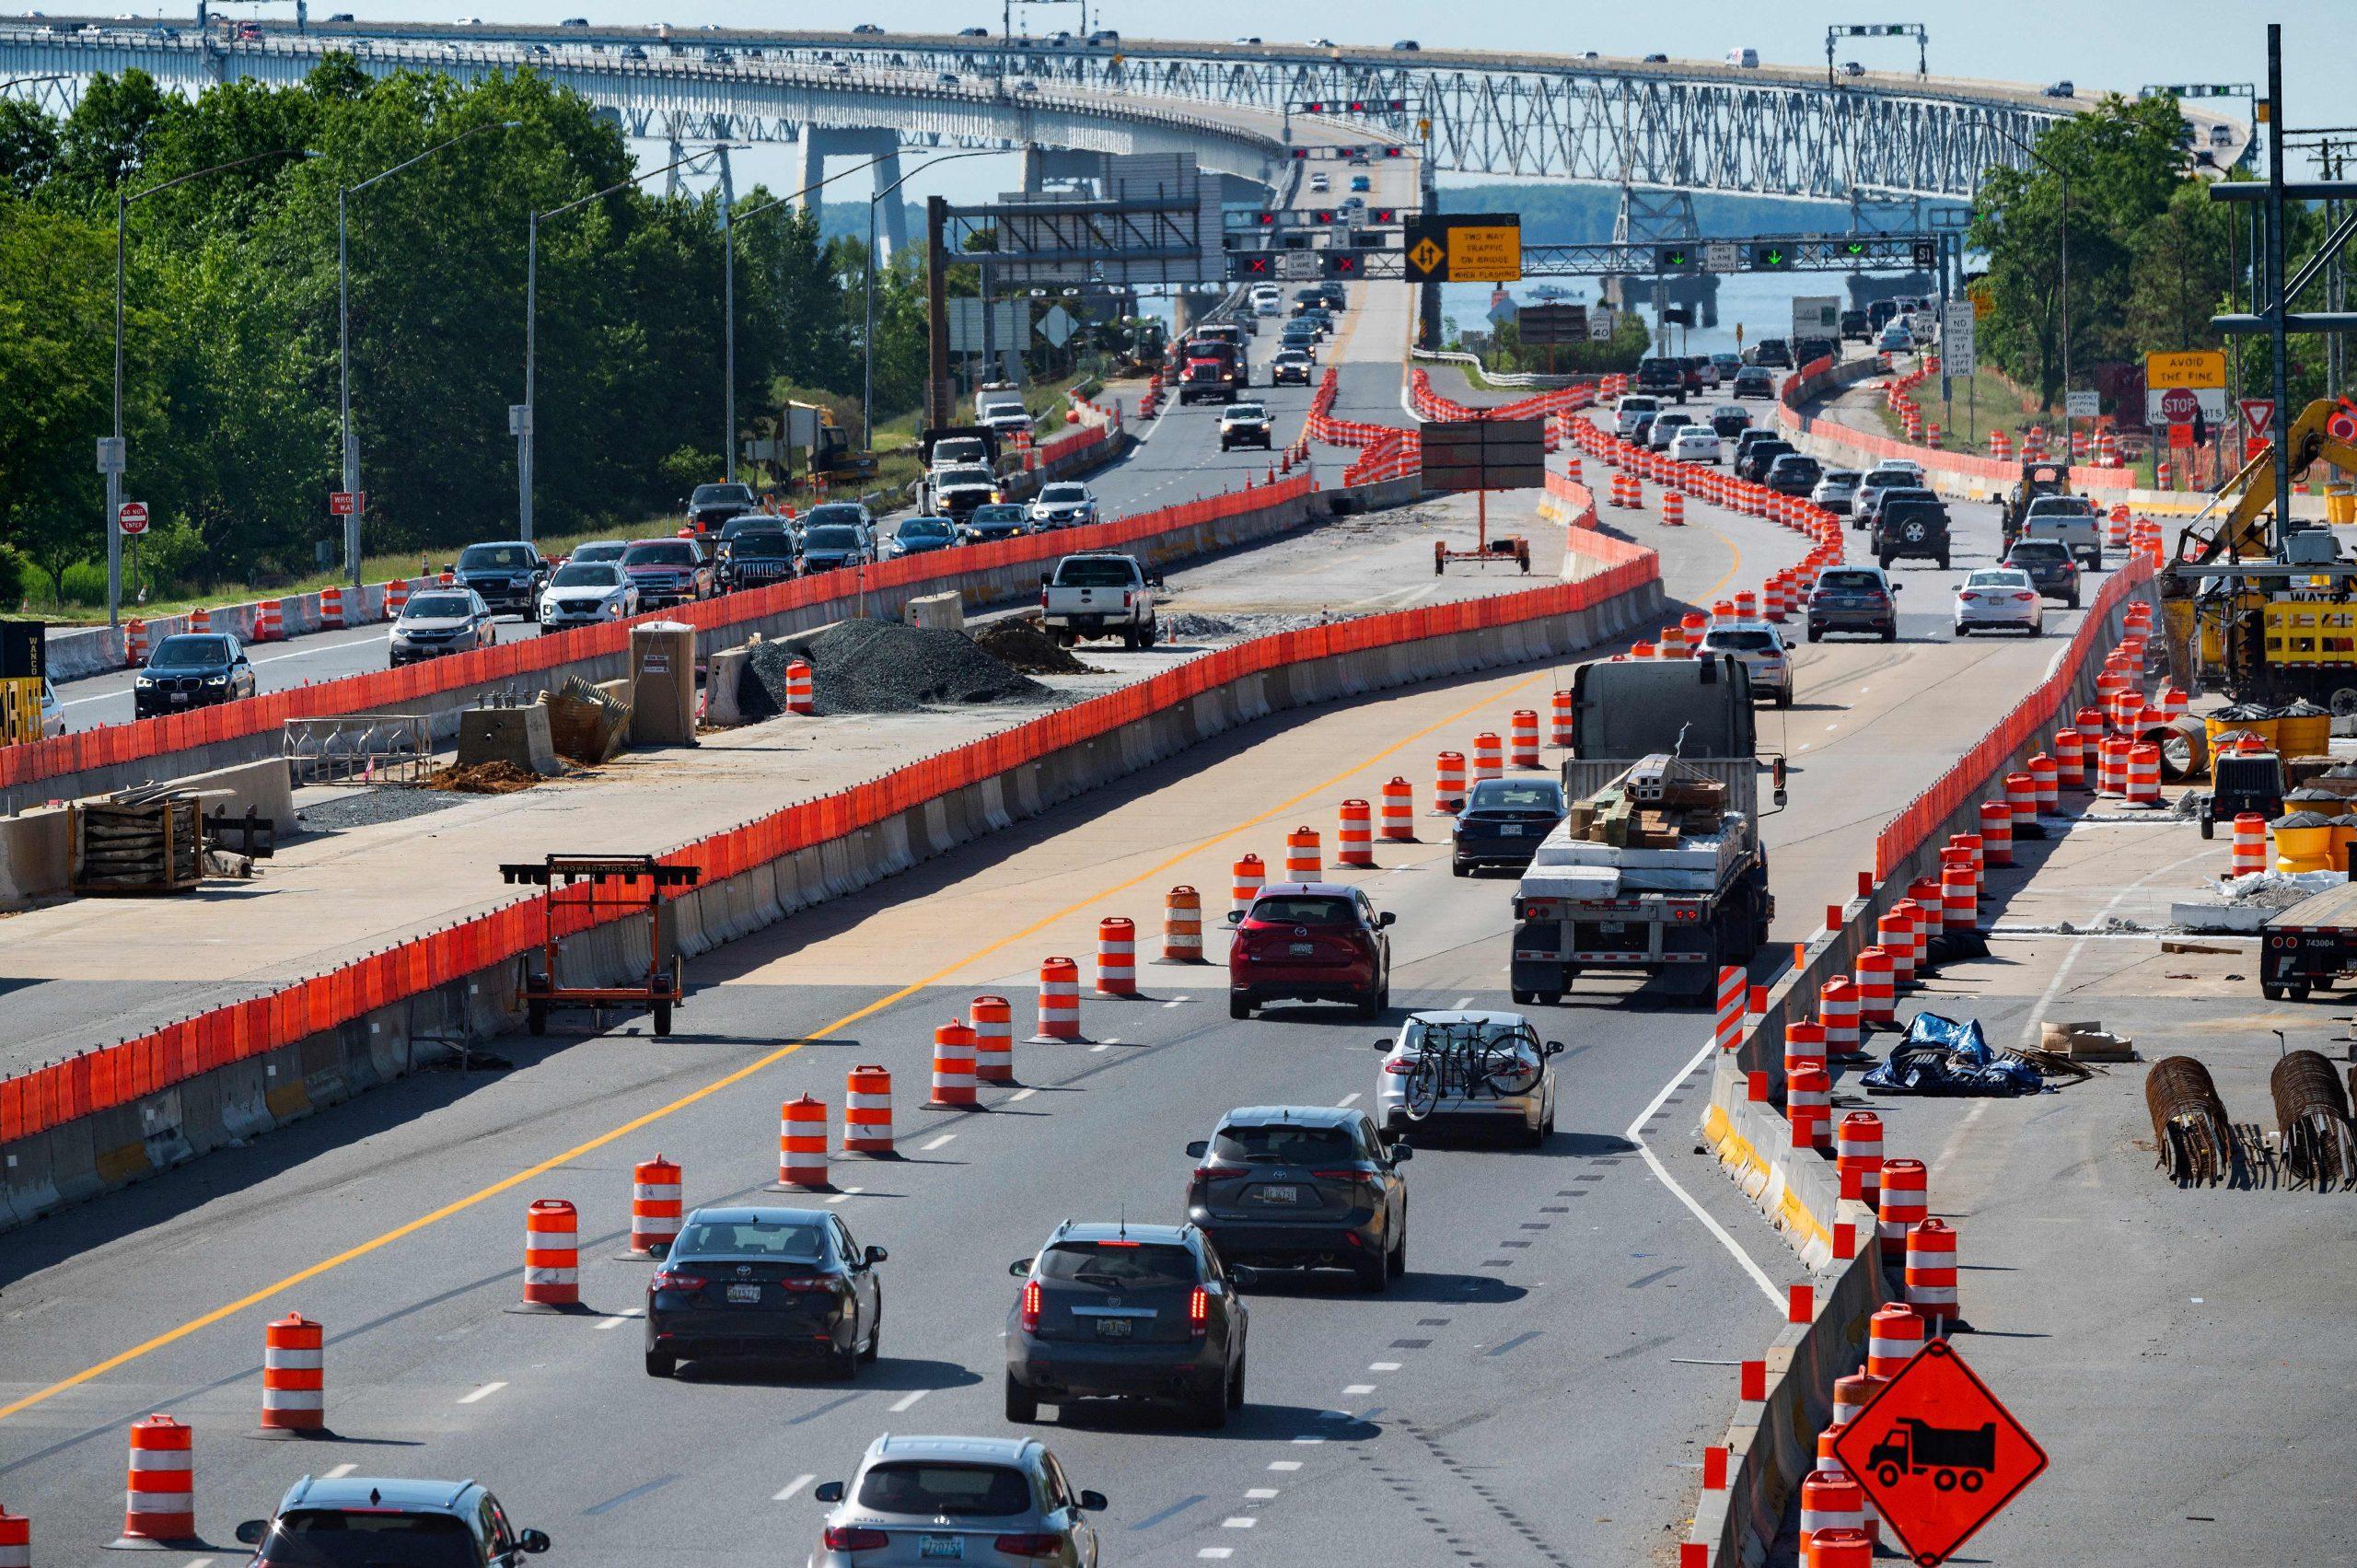 Los senadores llegan a un acuerdo bipartidista sobre $ 300 mil millones para carreteras, caminos y puentes